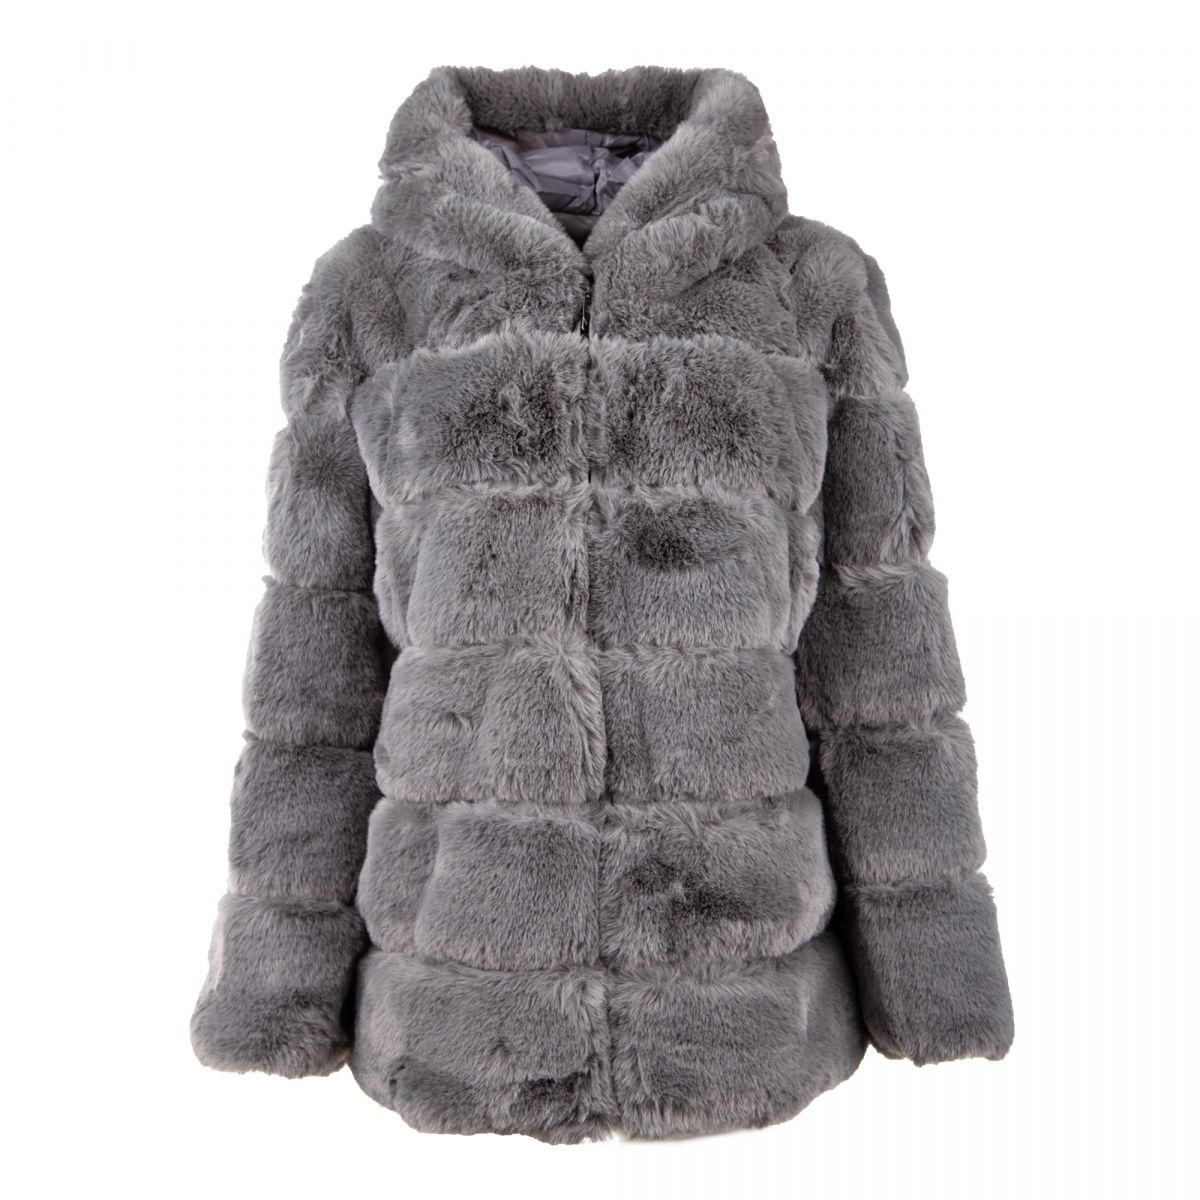 recherche manteau femme pas cher